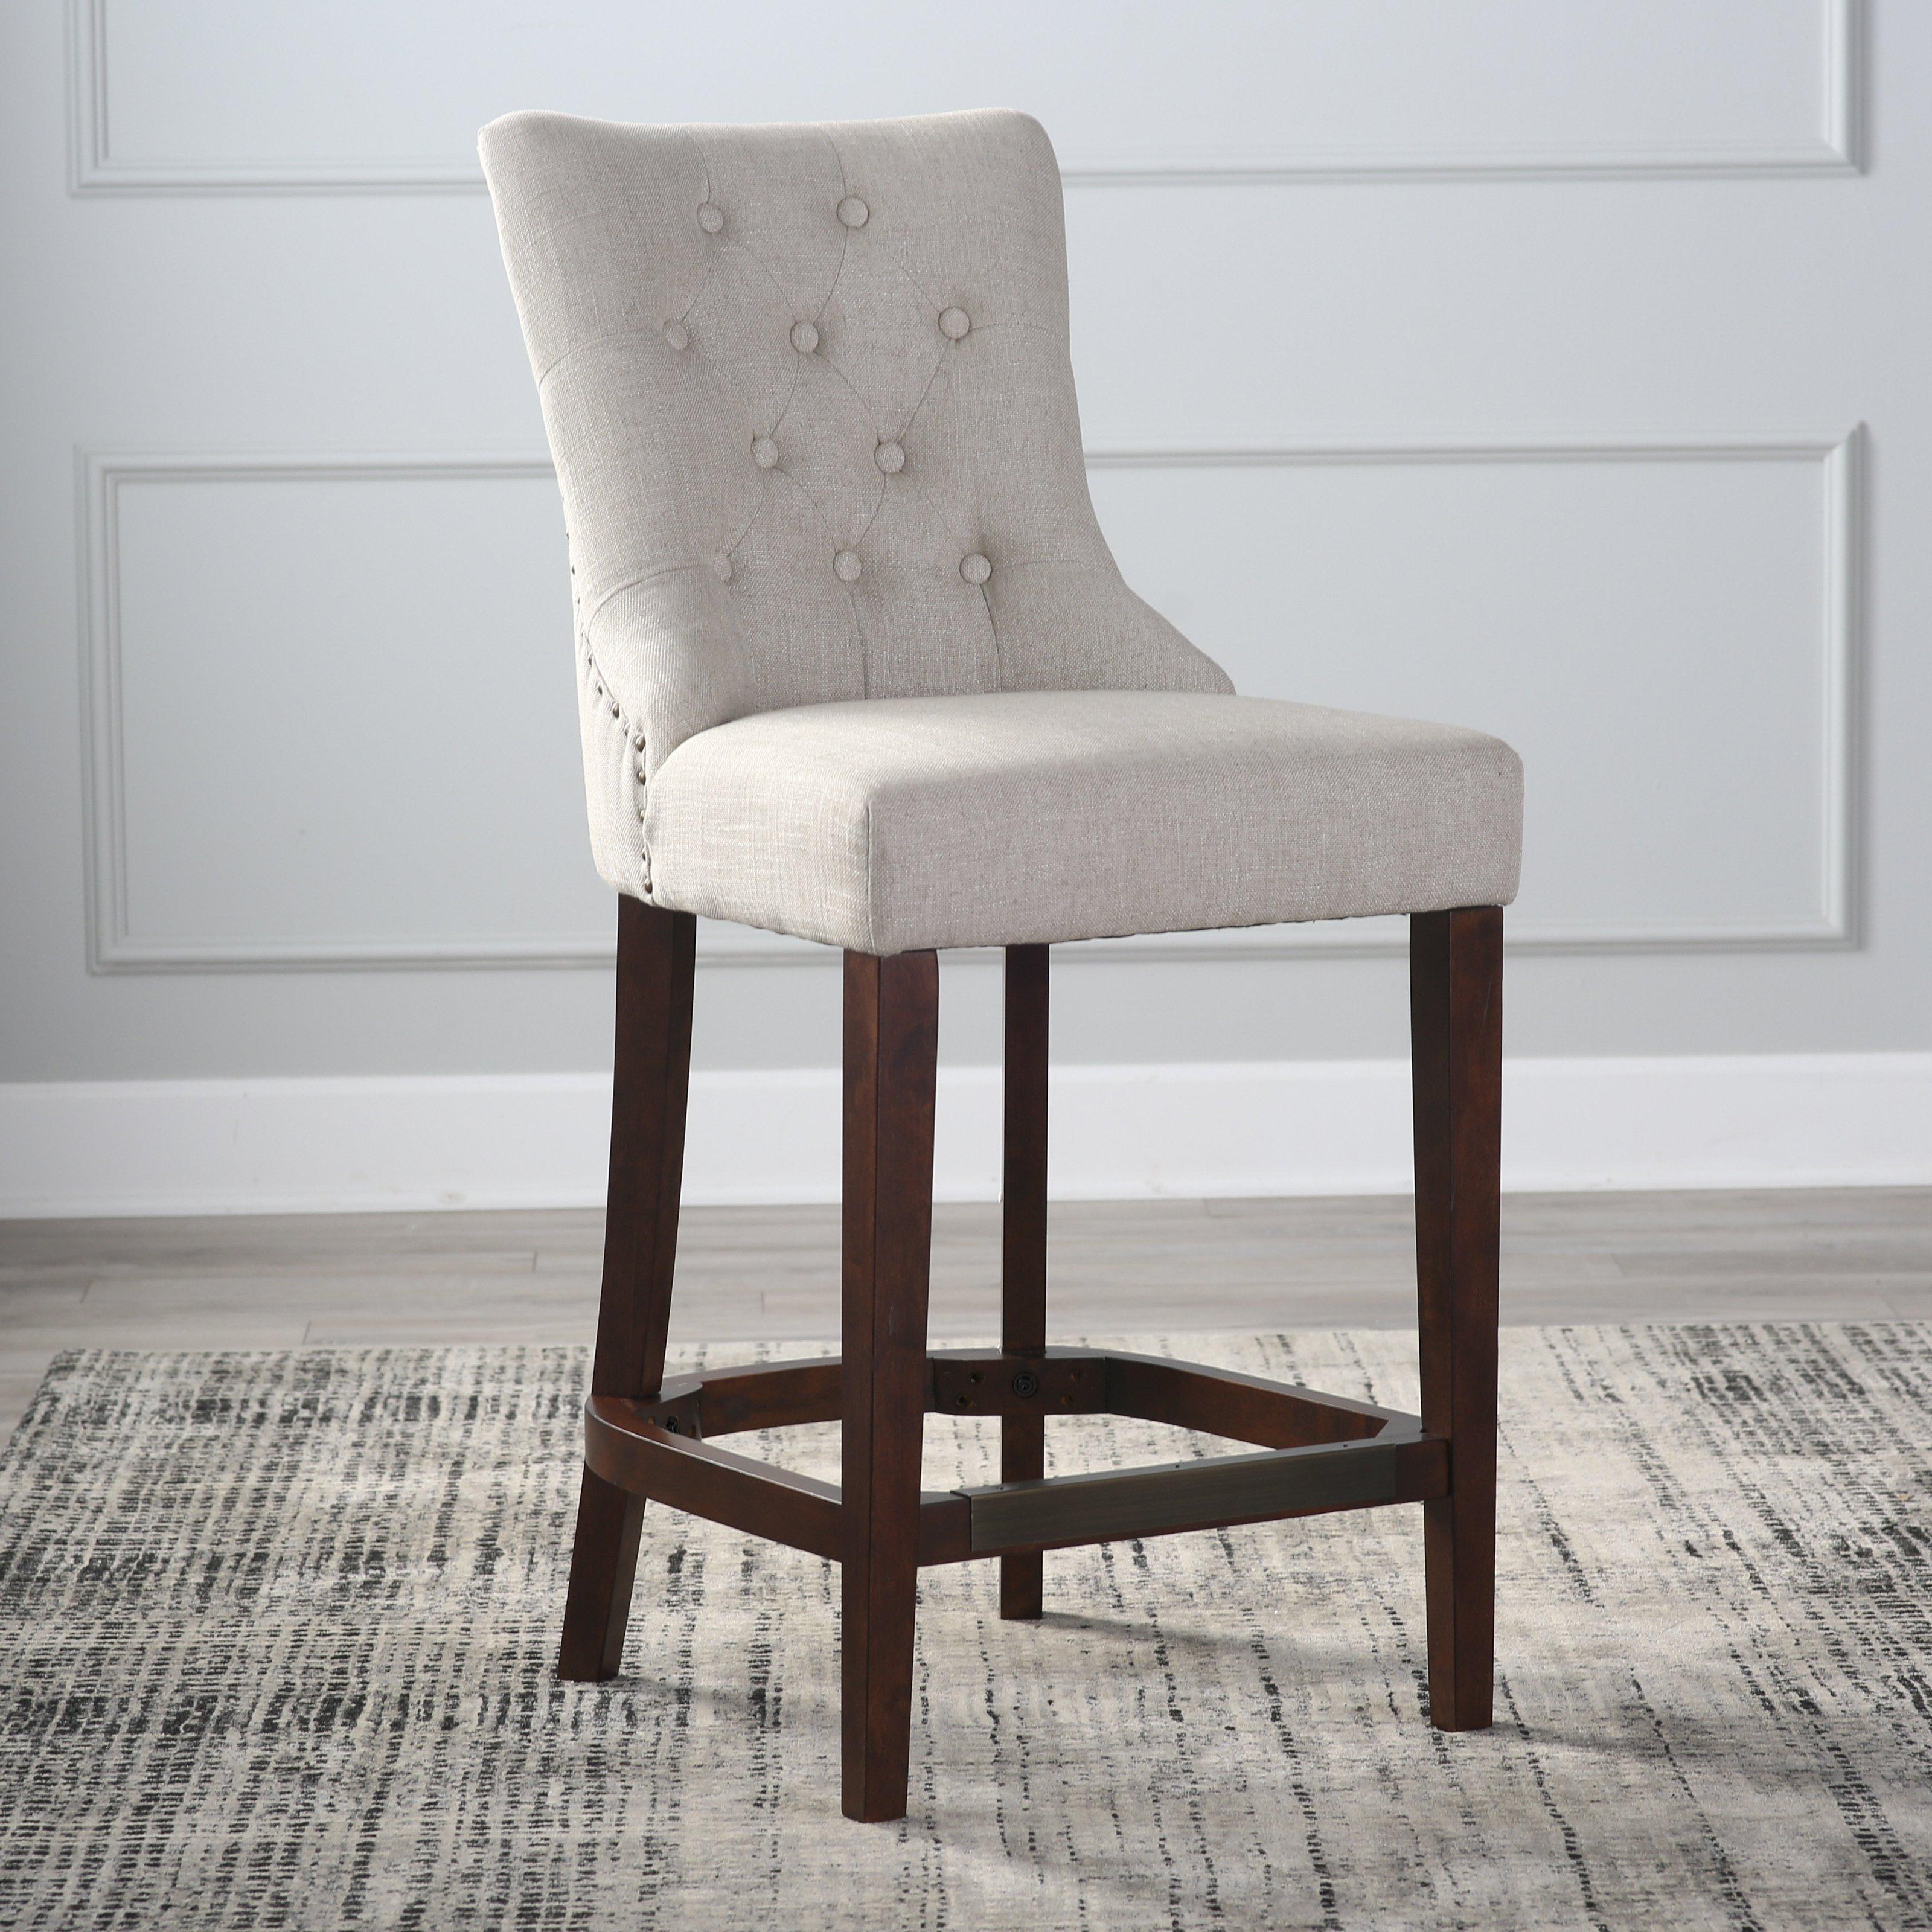 table stool belham living thomas tufted tweed table stool    Hayneedle HJZDVVF